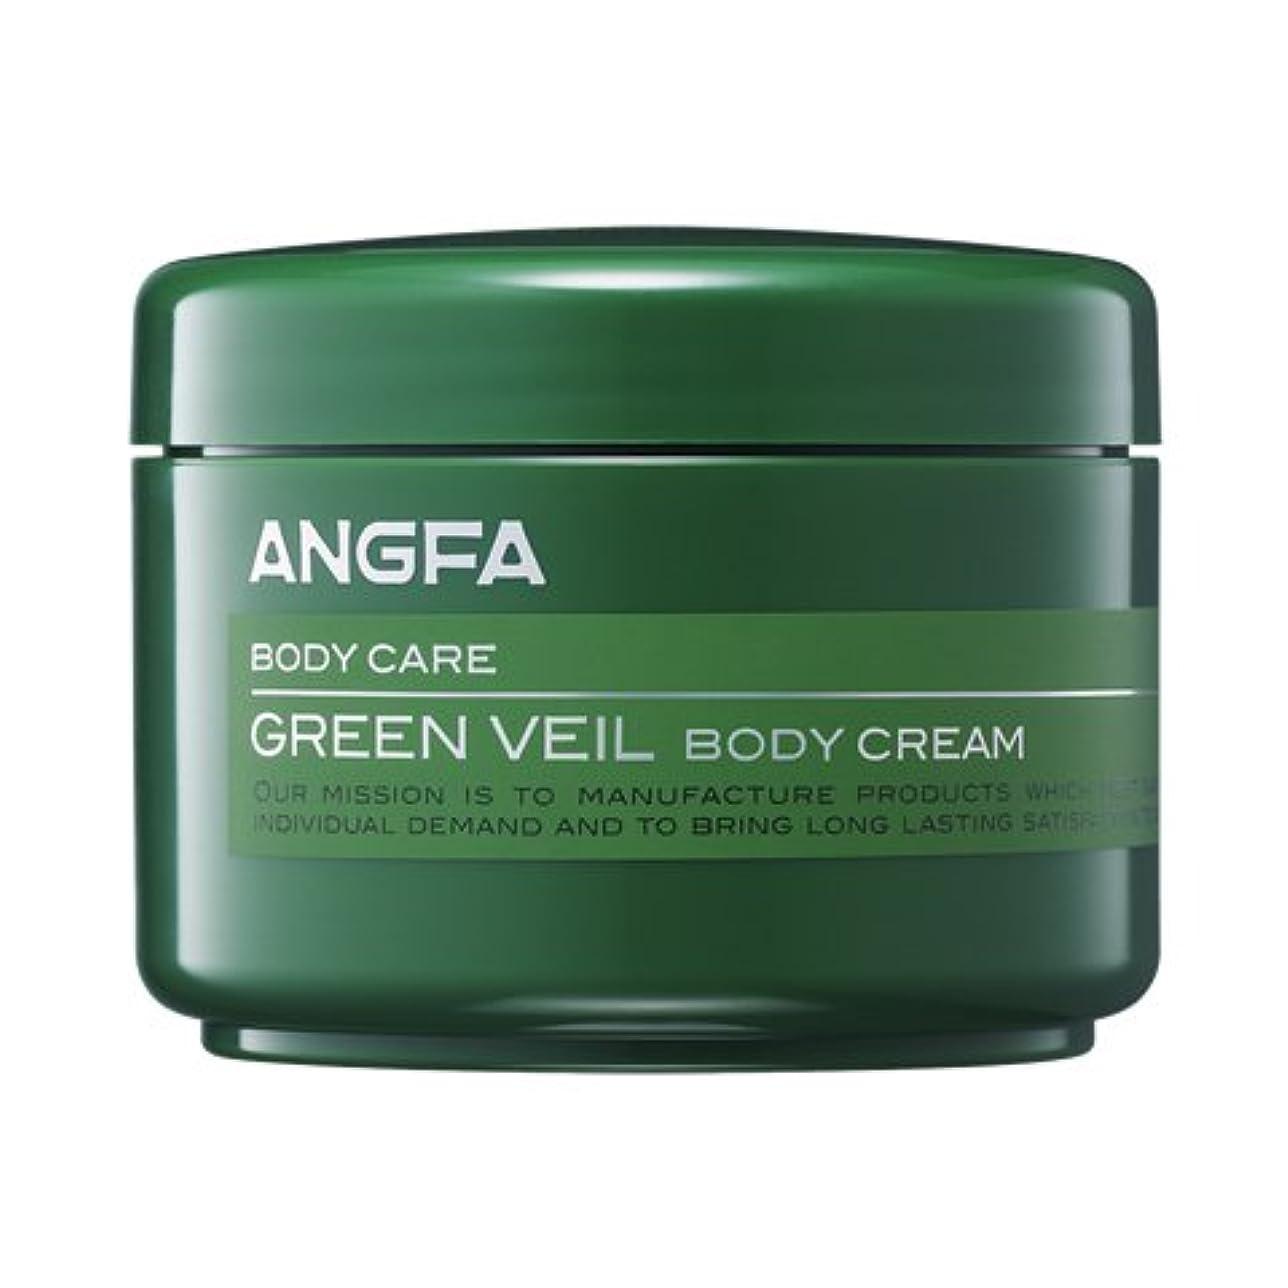 あざ勇敢なレンズアンファー (ANGFA) グリーンベール 薬用ボディクリーム 45g グリーンフローラル [乾燥?保湿] かゆみ肌